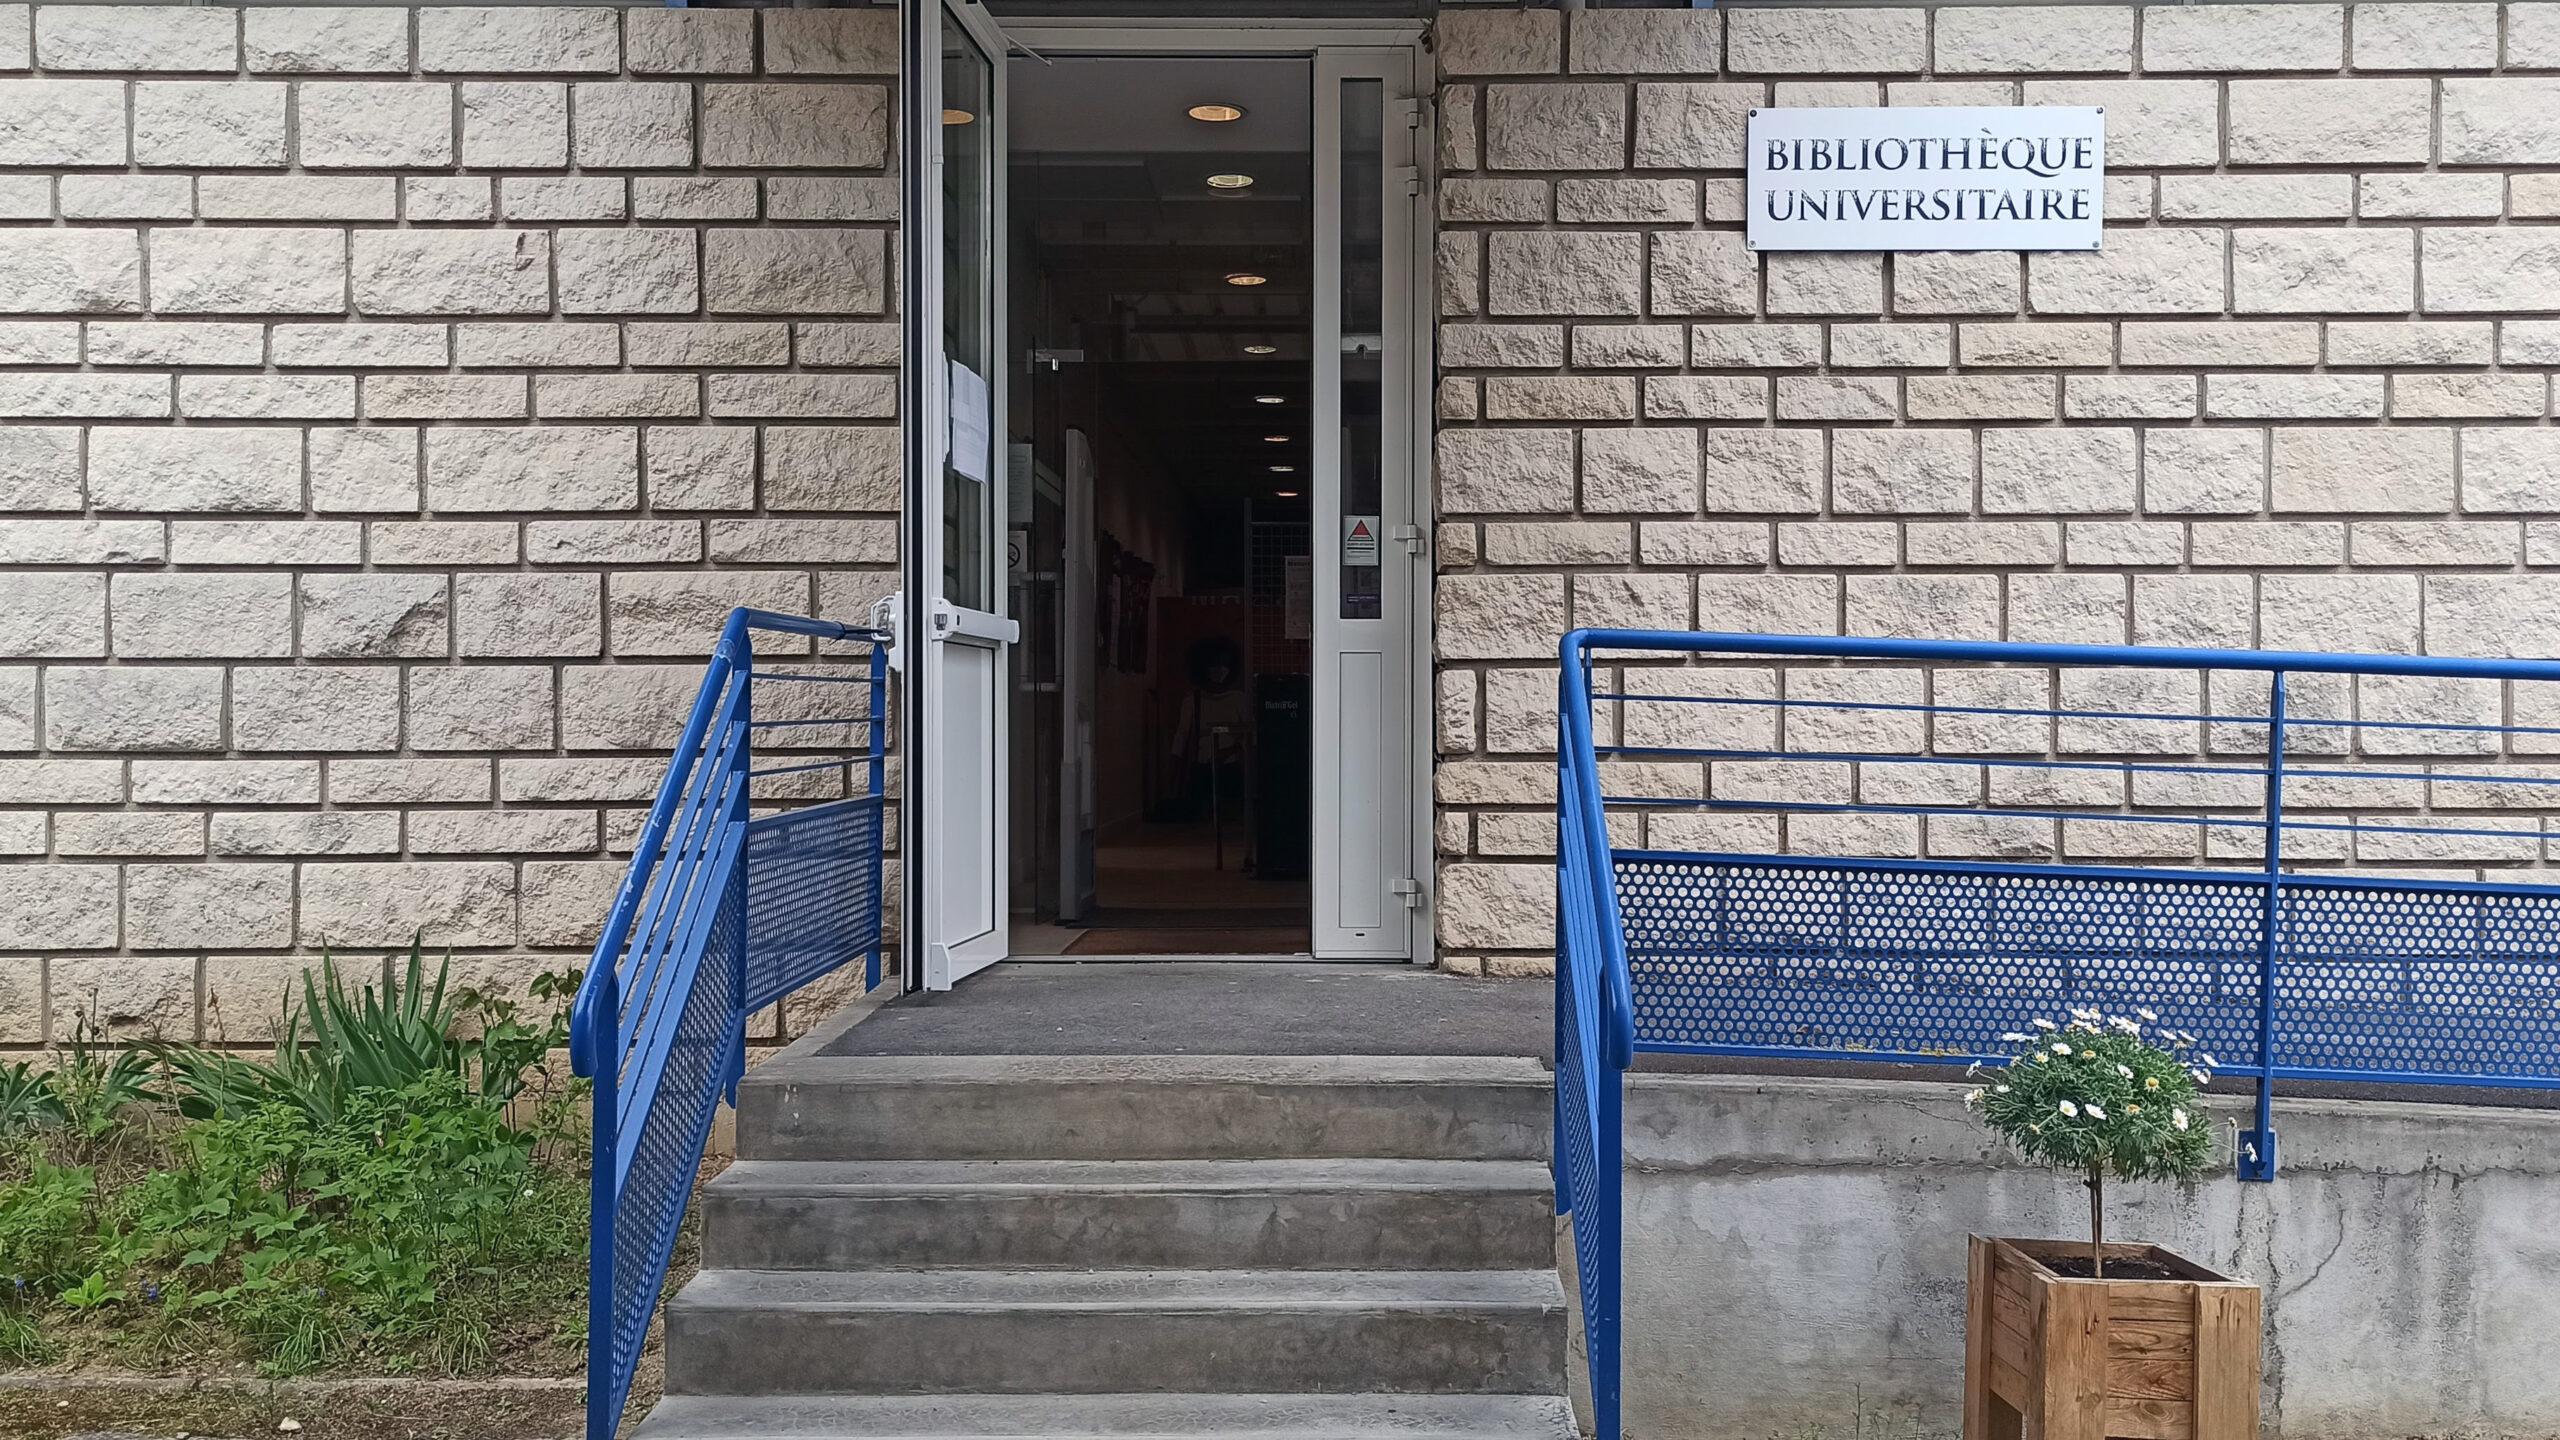 photographie de la bibliothèque universitaire de Soissons / Cuffies : entrée de la bibliothèque